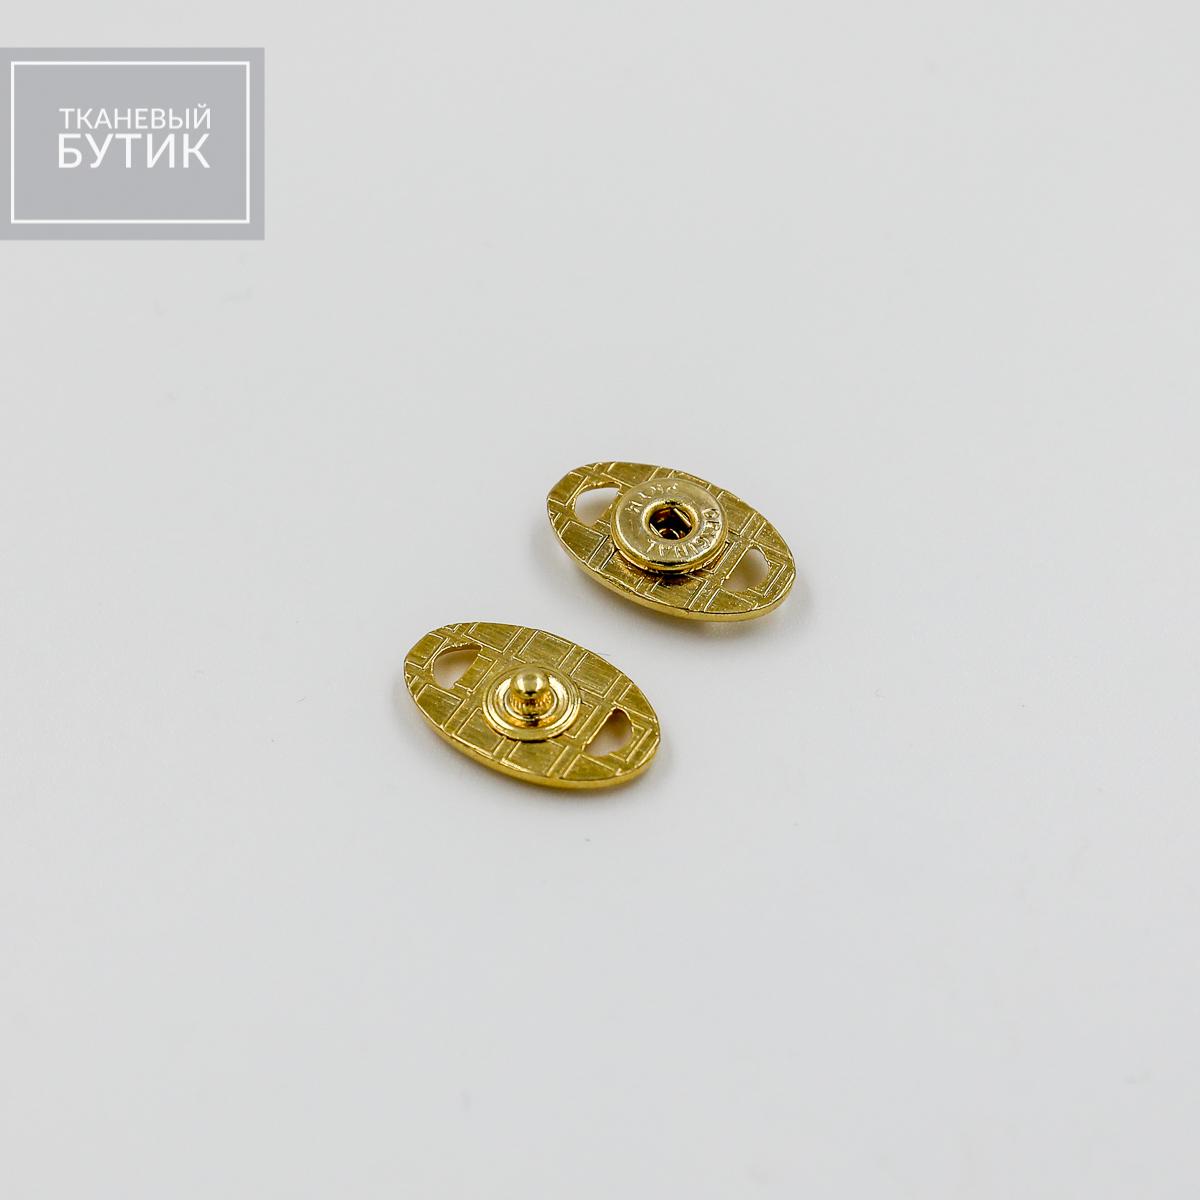 Овальная кнопка из металла с геометрическим декором